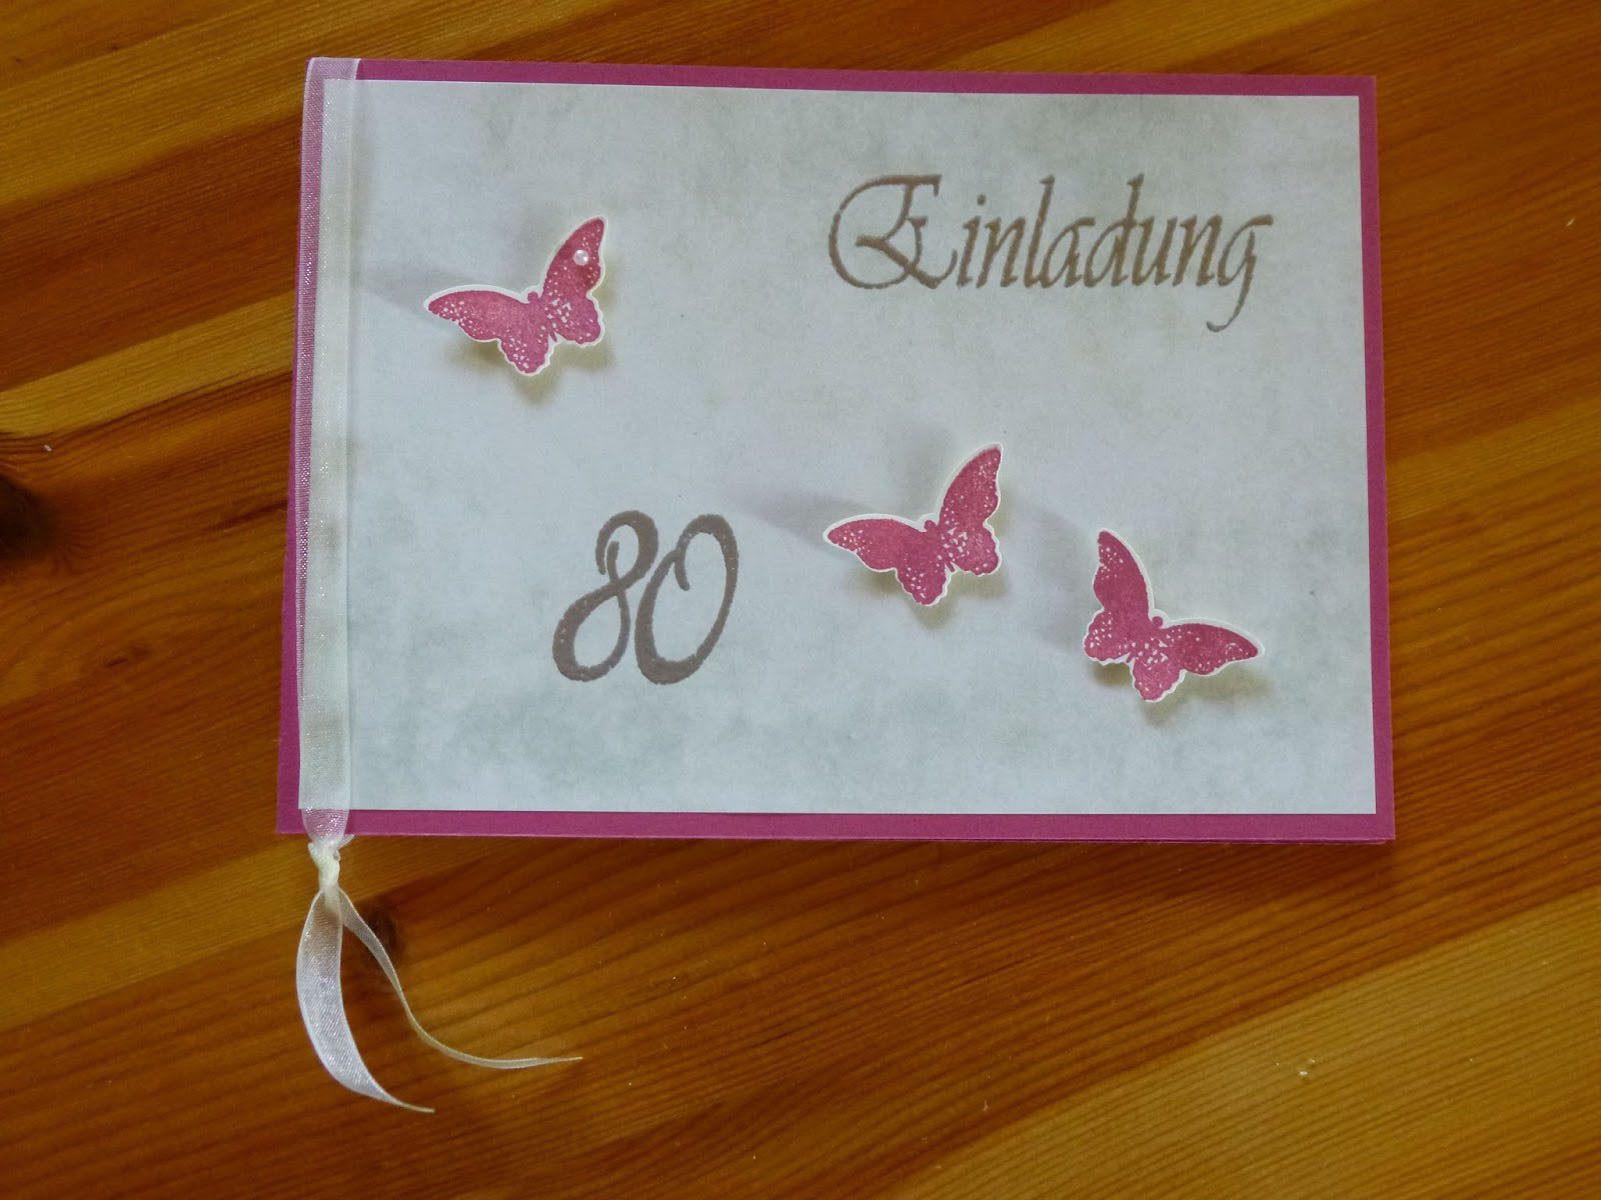 Geburtstagswünsche Zum 80 Geburtstag  Einladung Zum 80 Geburtstag Einladung Zum 80 Geburtstag